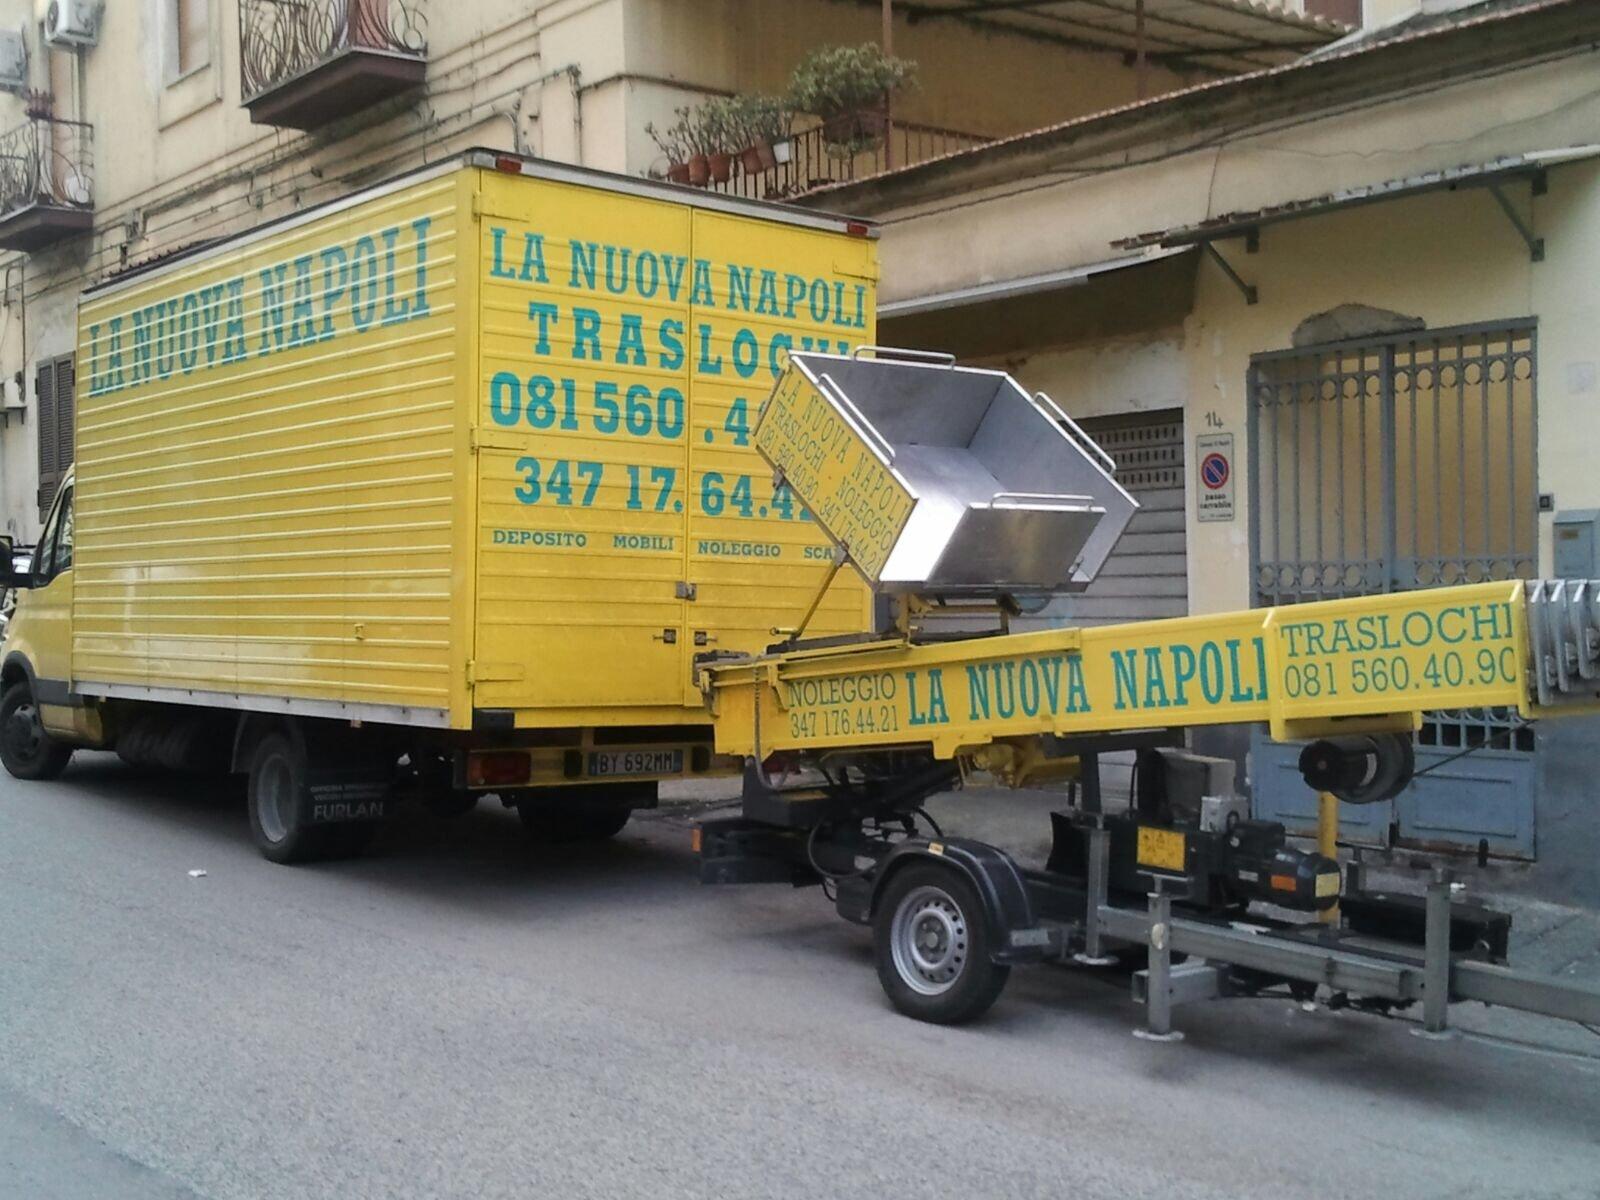 Traslochi e trasporto Napoli e e provincia